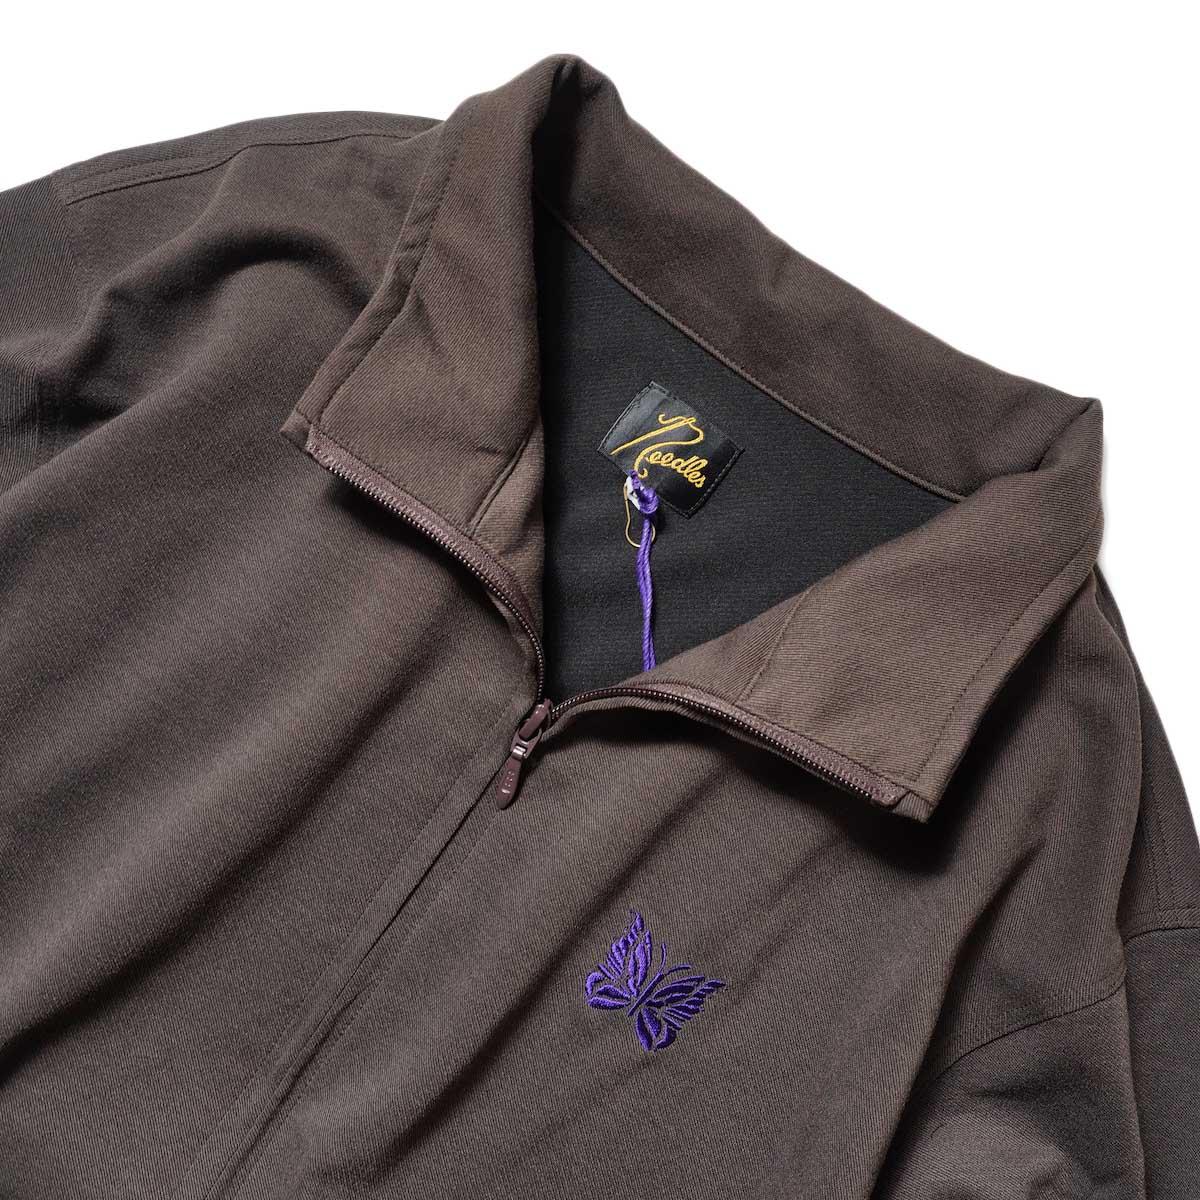 Needles / W.U. JACKET - POLY TWILL JERSEY (Brown)襟